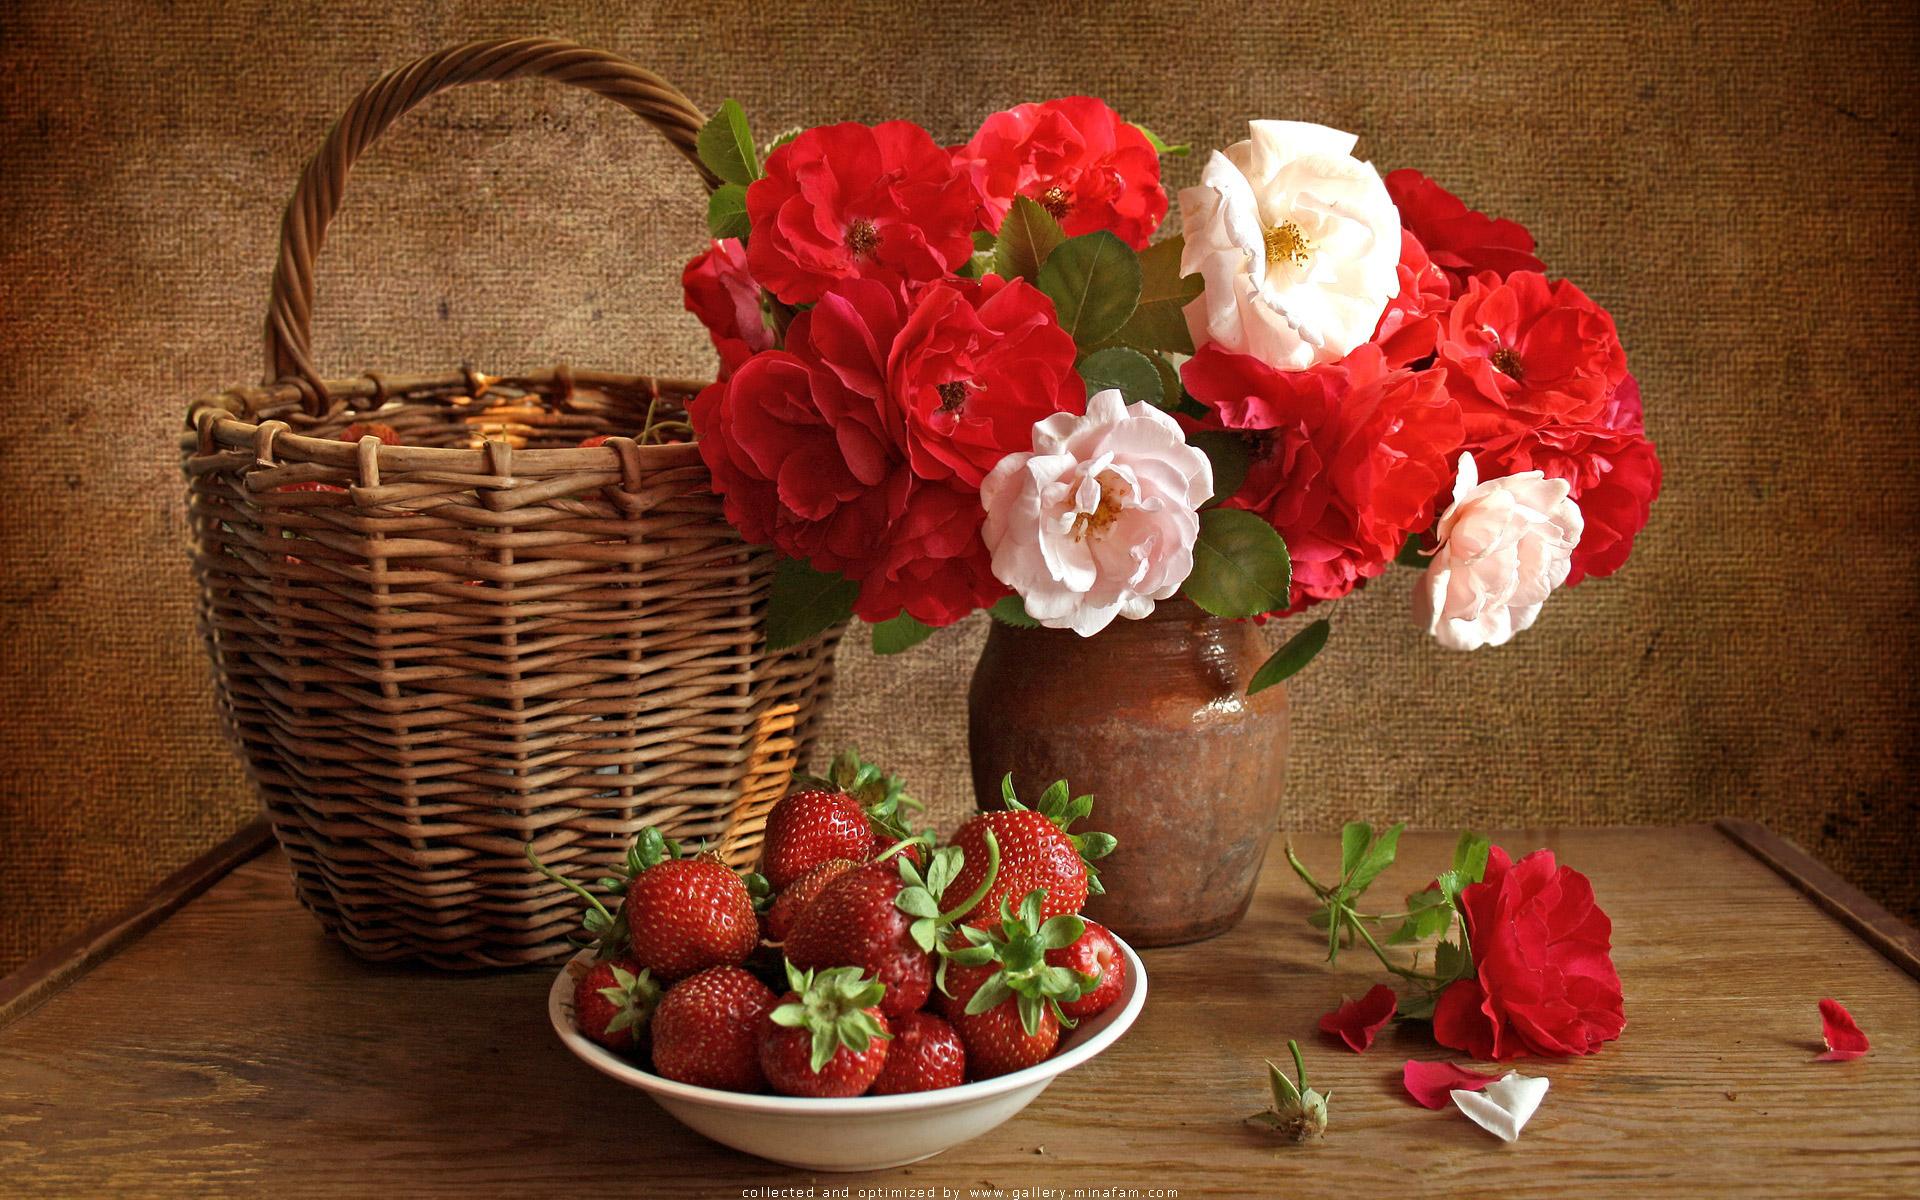 متن زیبا برای گلدان